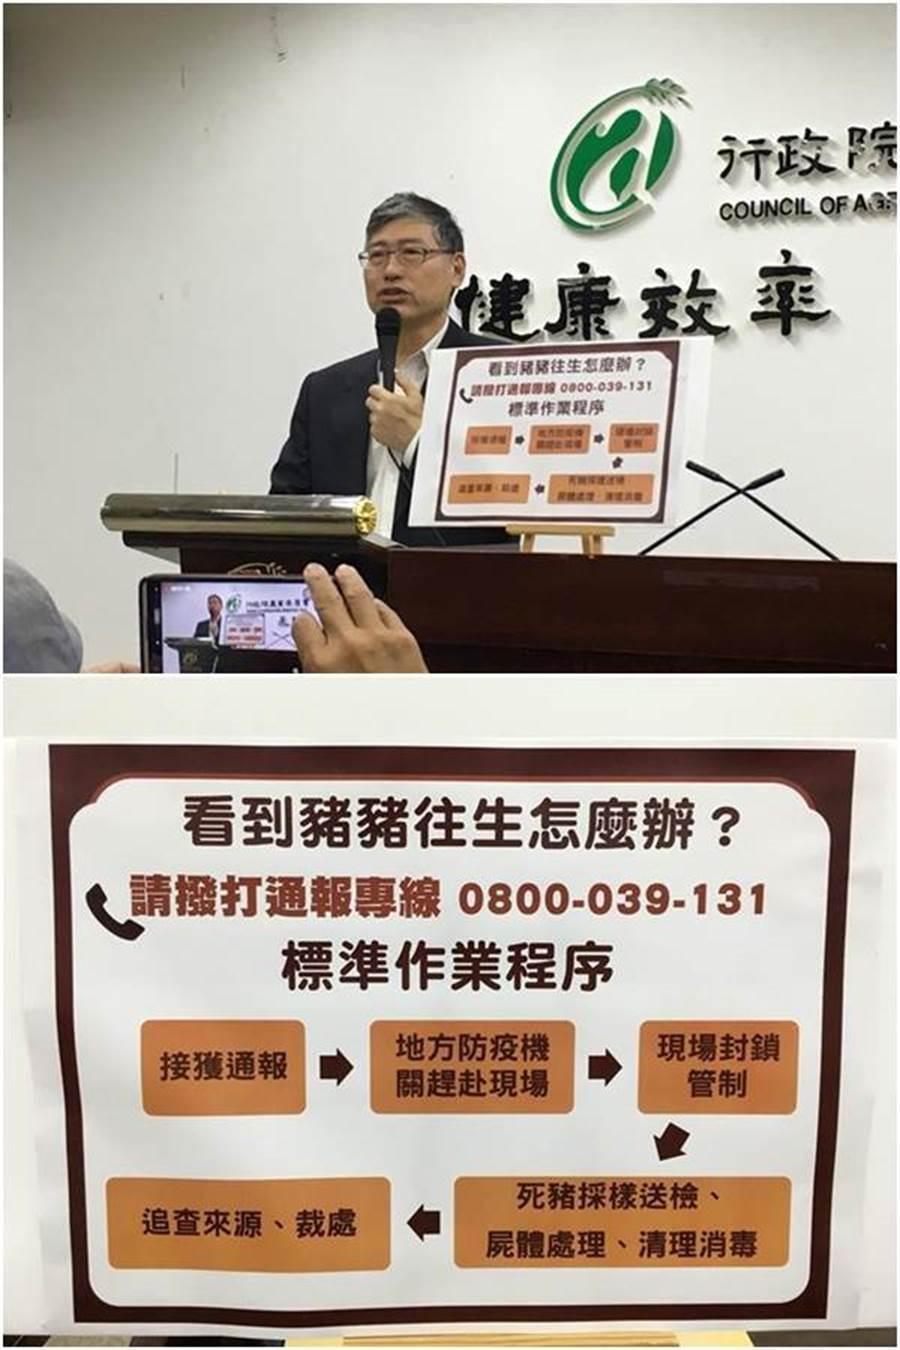 上圖:農委會防檢局主任秘書鄭純彬表示,任意散播謠言,亦可依動傳條例,開罰5萬元以上、100萬元以下罰鍰。下圖:發現死亡豬隻處理流程。(游昇俯攝)